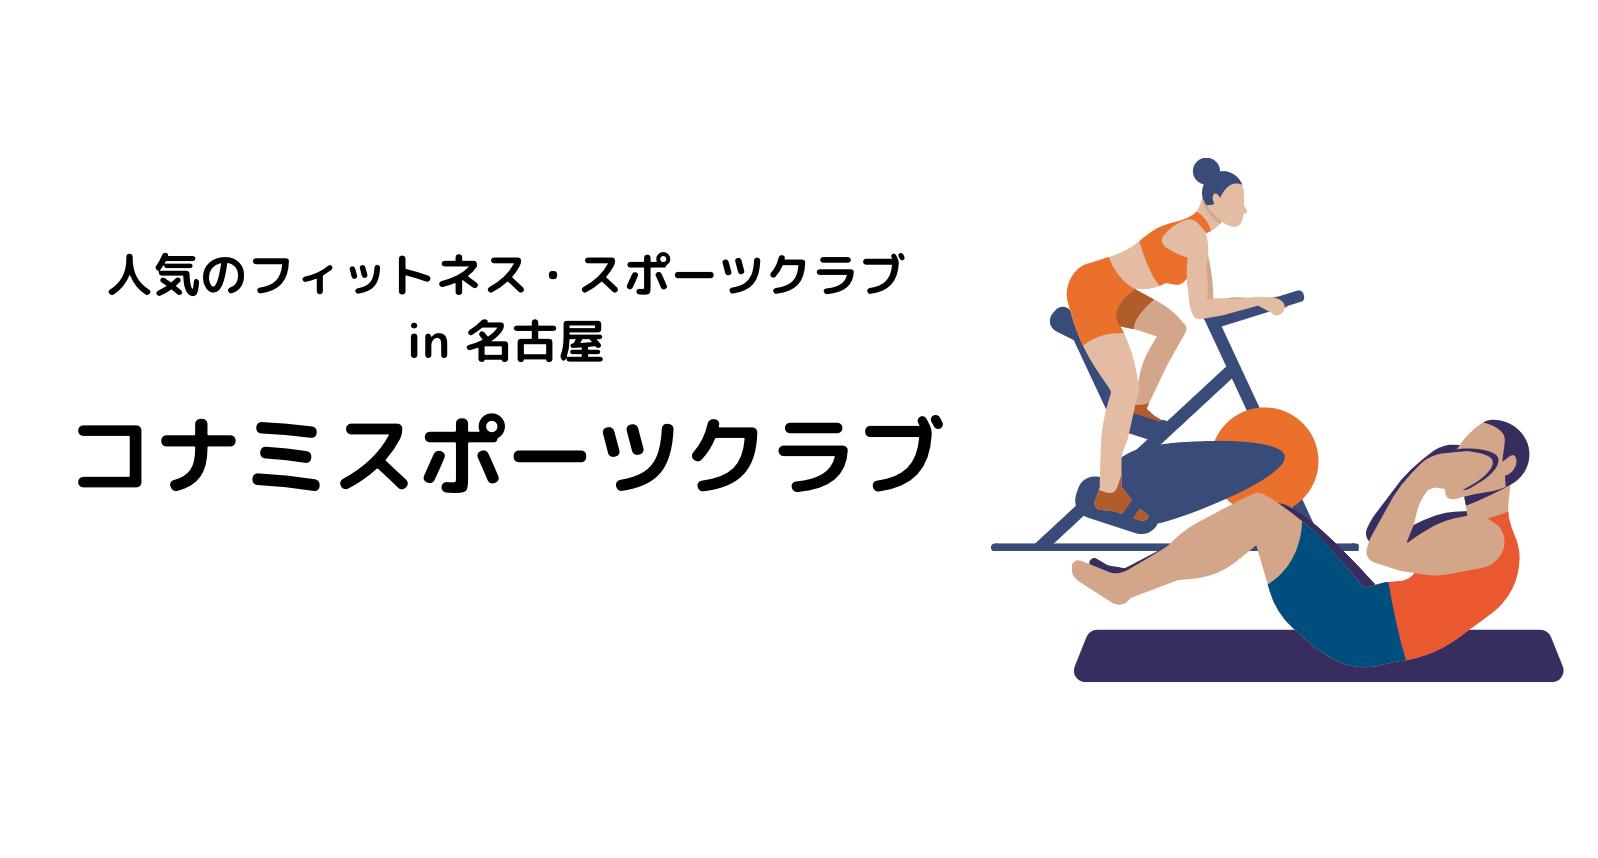 名古屋_ジム_フィットネスジム_スポーツジム_フィットネスクラブ_スポーツクラブ_おすすめ_人気_ランキング_コナミスポーツクラブ